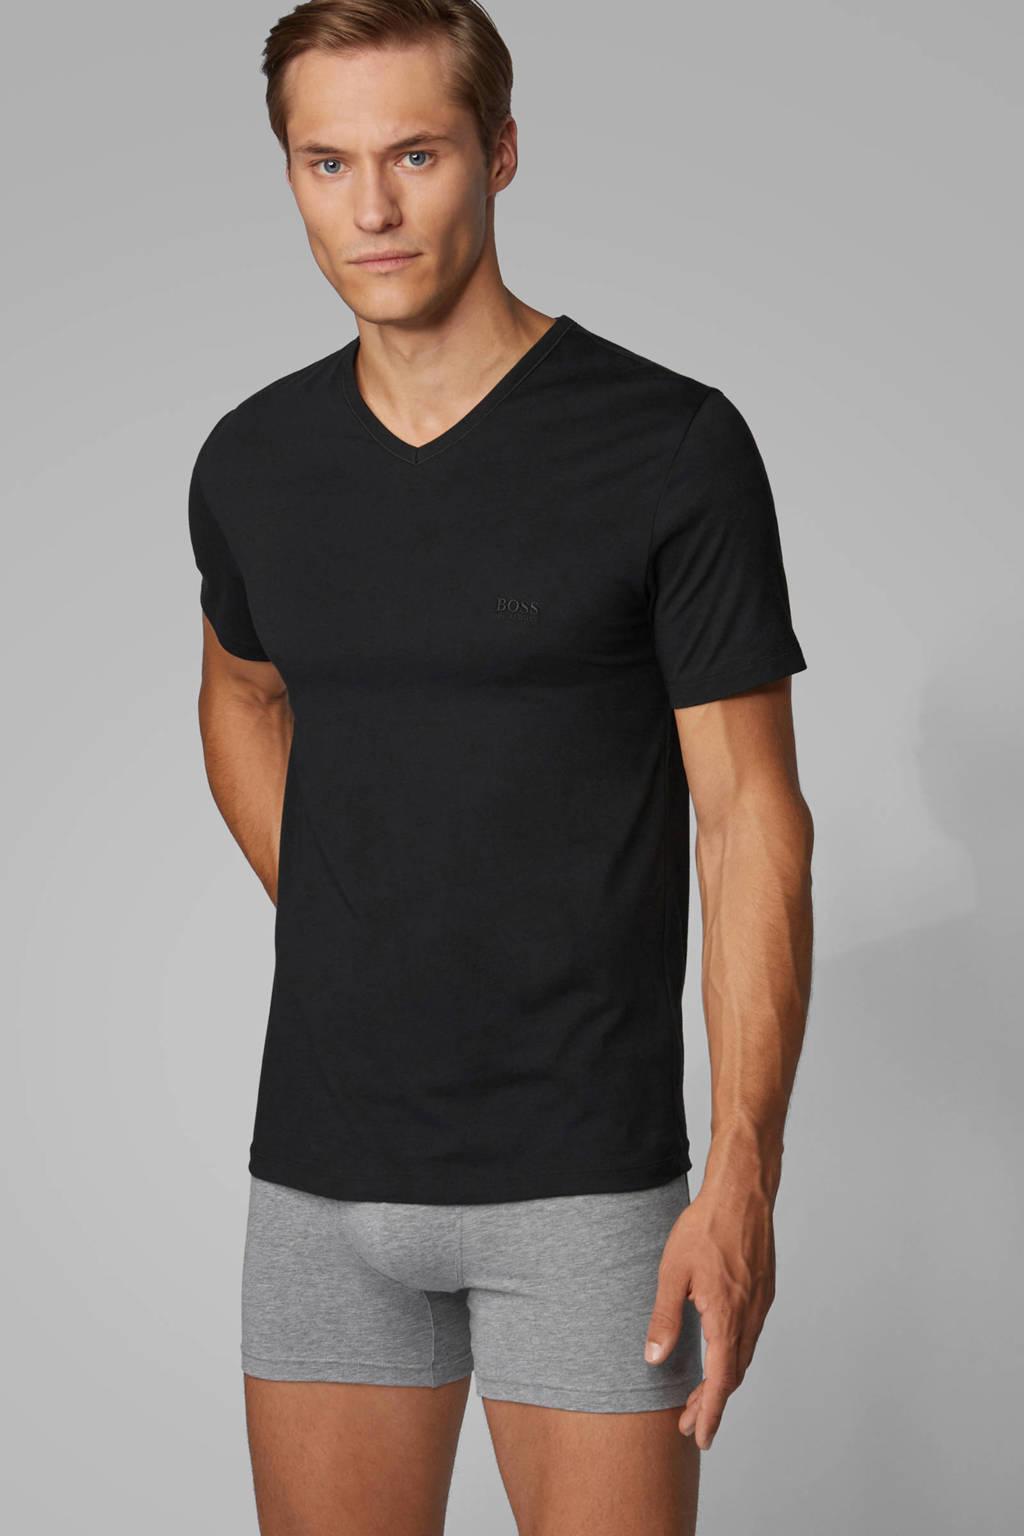 BOSS T-shirt (set van 3) zwart, Zwart